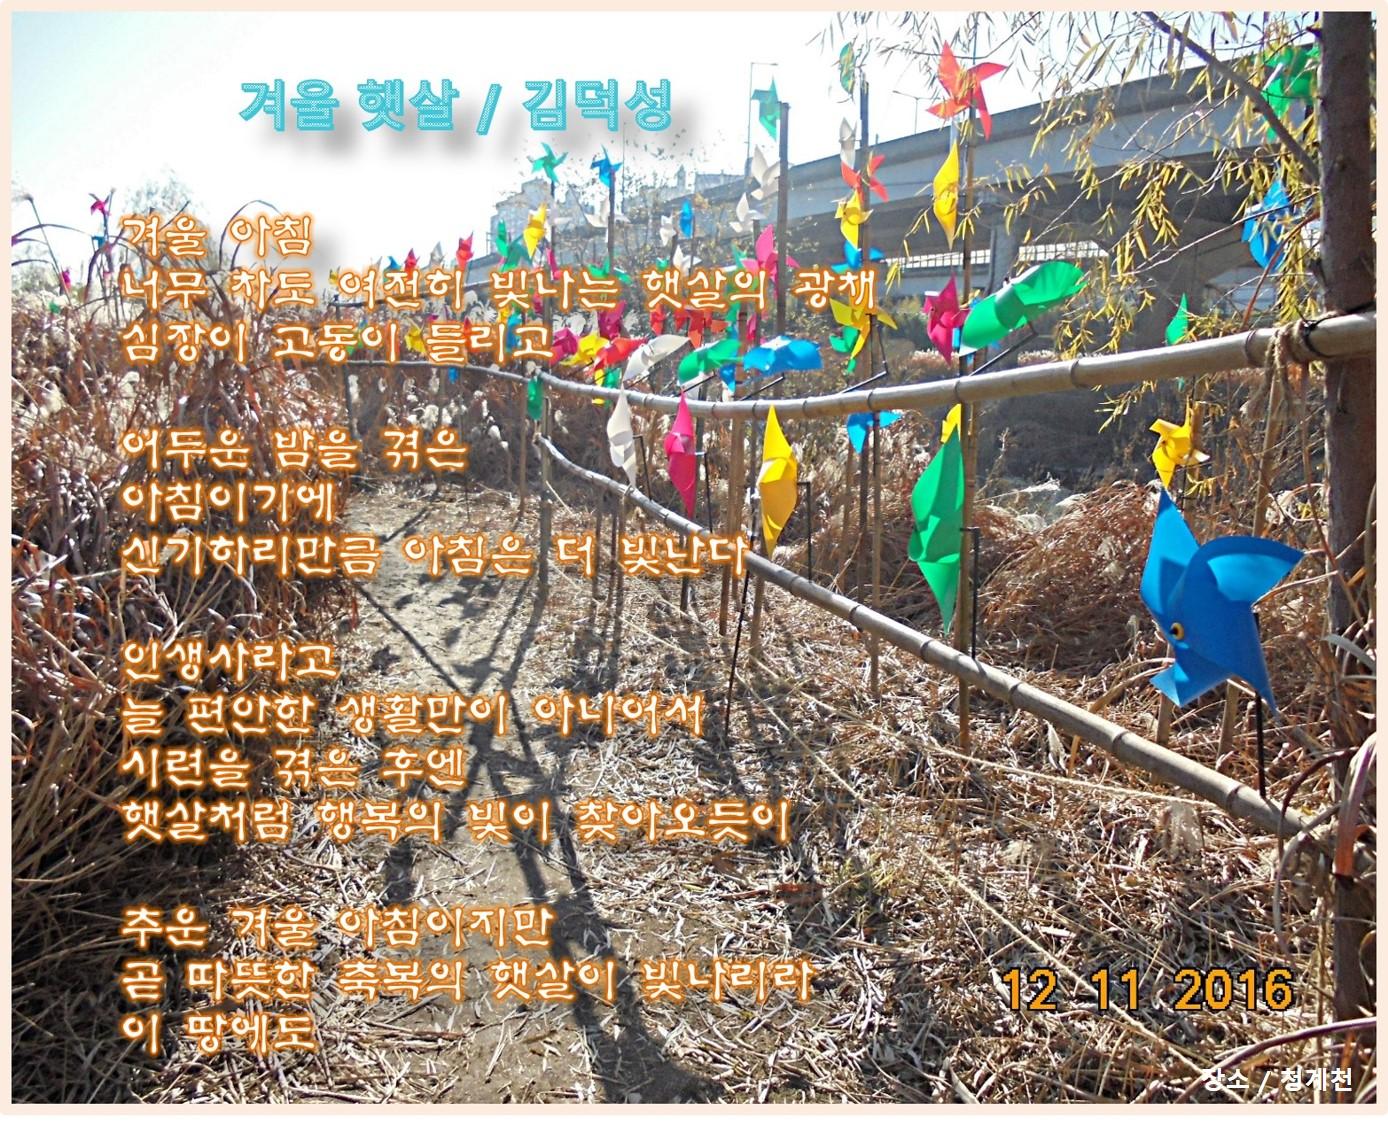 이 글은 파워포인트에서 만든 이미지입니다.  겨울 햇살  / 김덕성